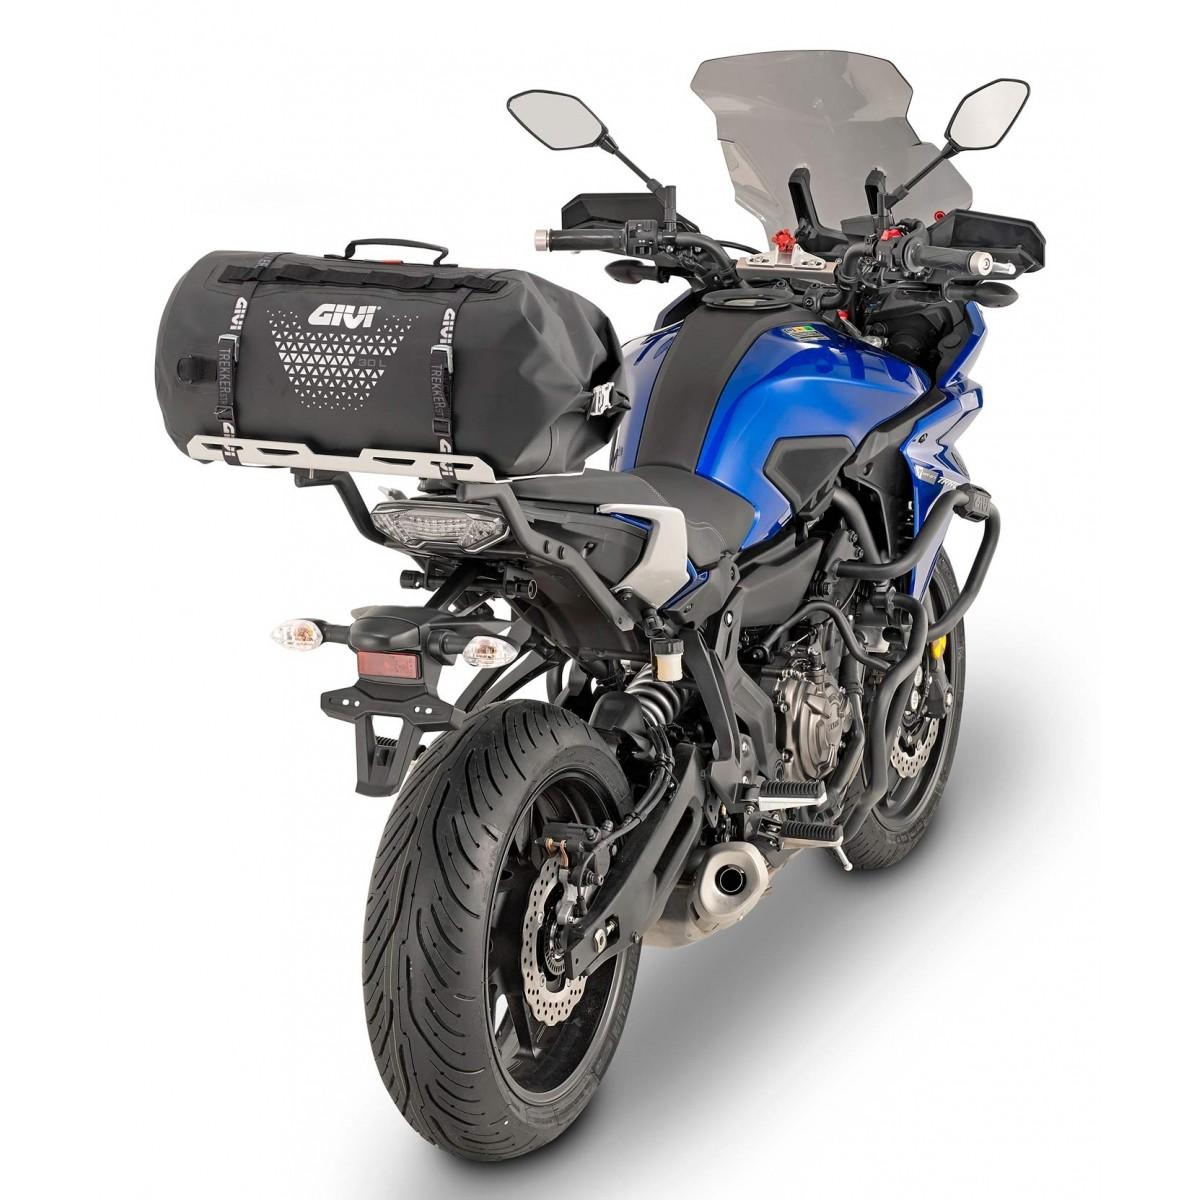 Bolsa Givi Traseira UT801 30 Litros Impermeável  - Nova Suzuki Motos e Acessórios